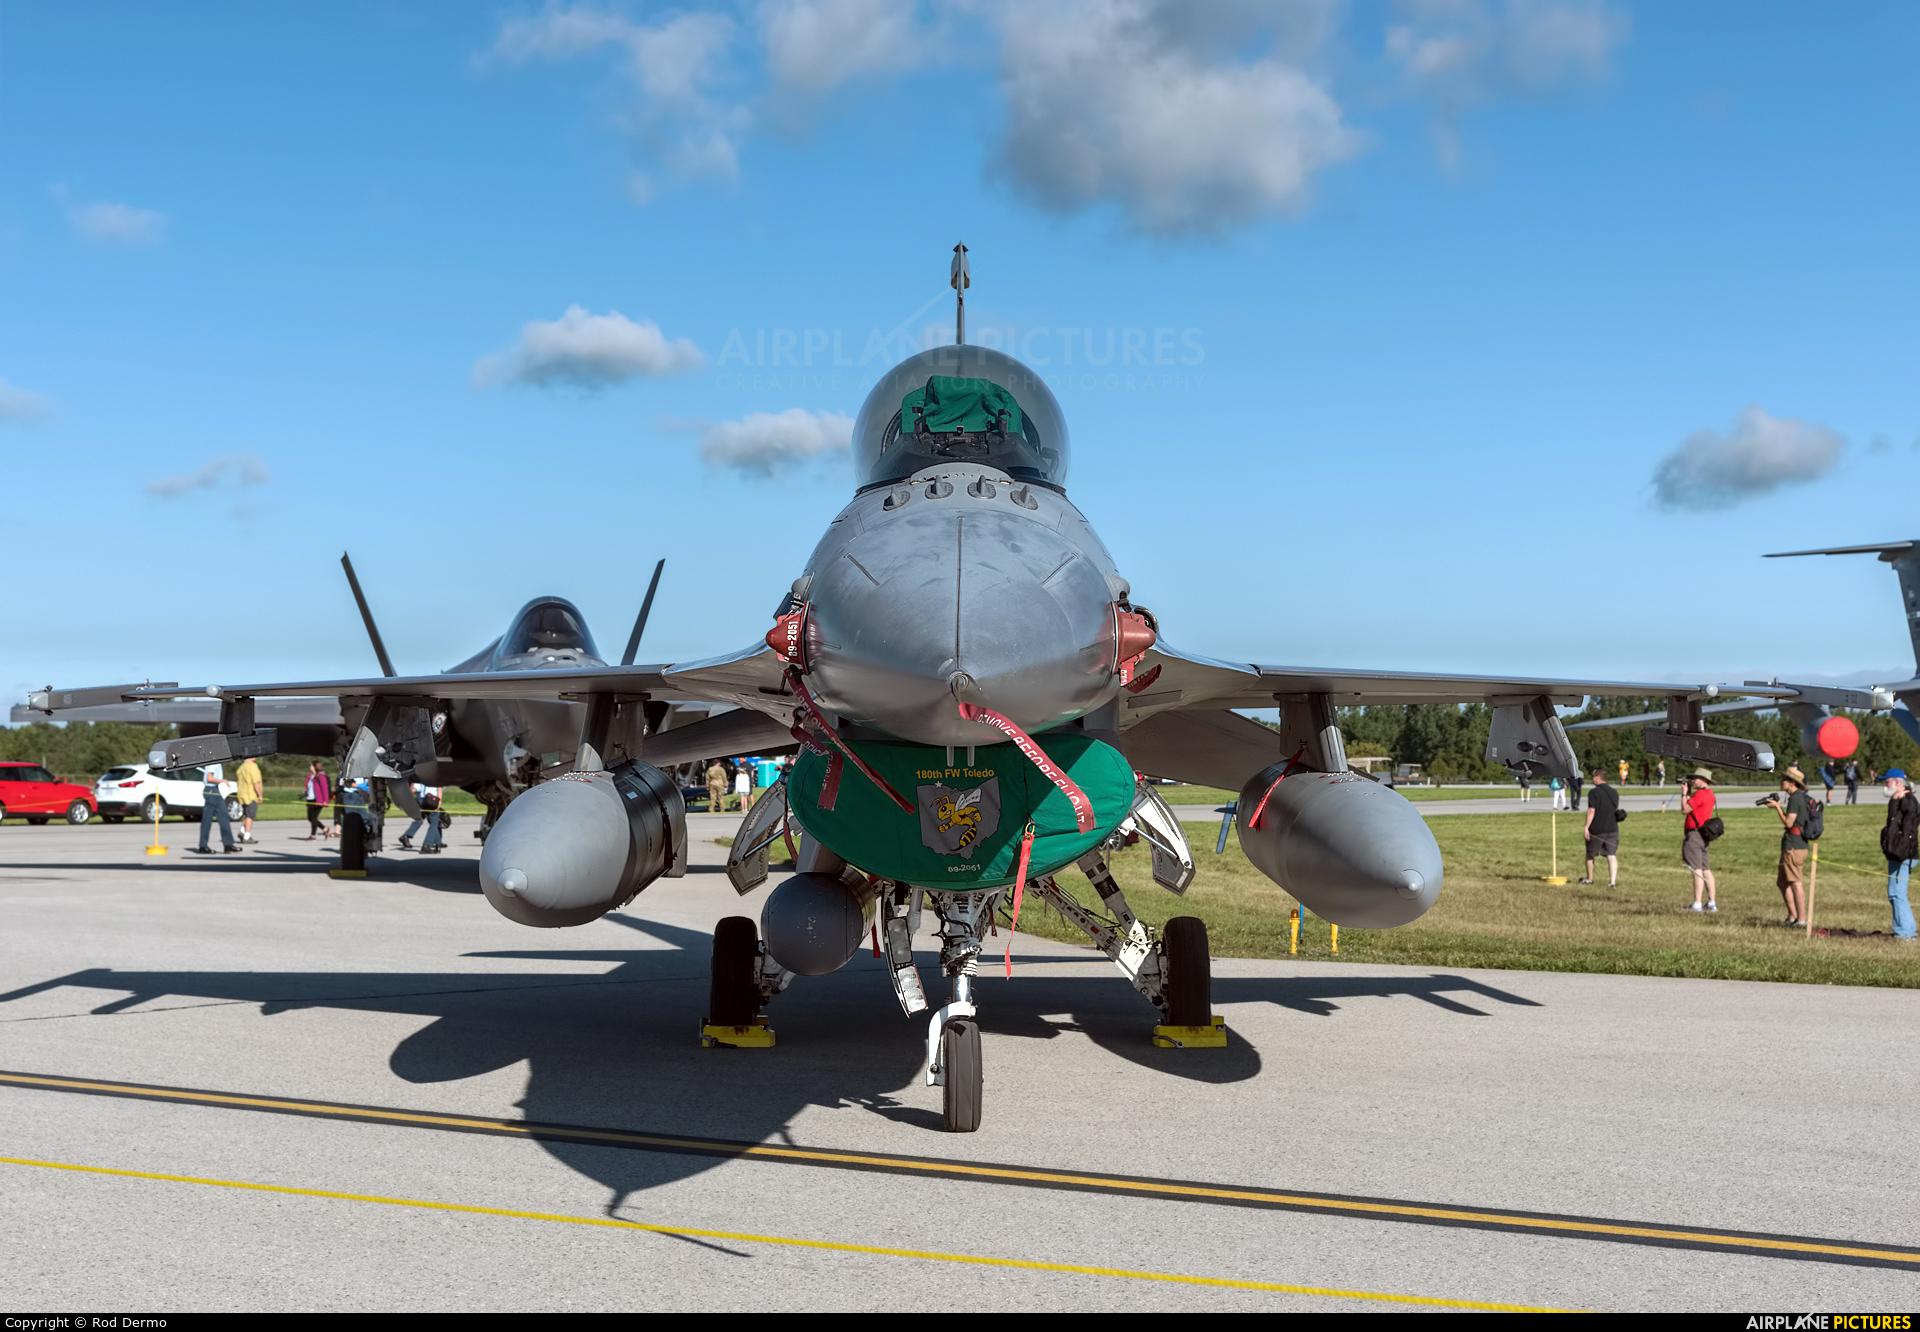 USA - Air Force 89-2051 aircraft at London  Intl, ON